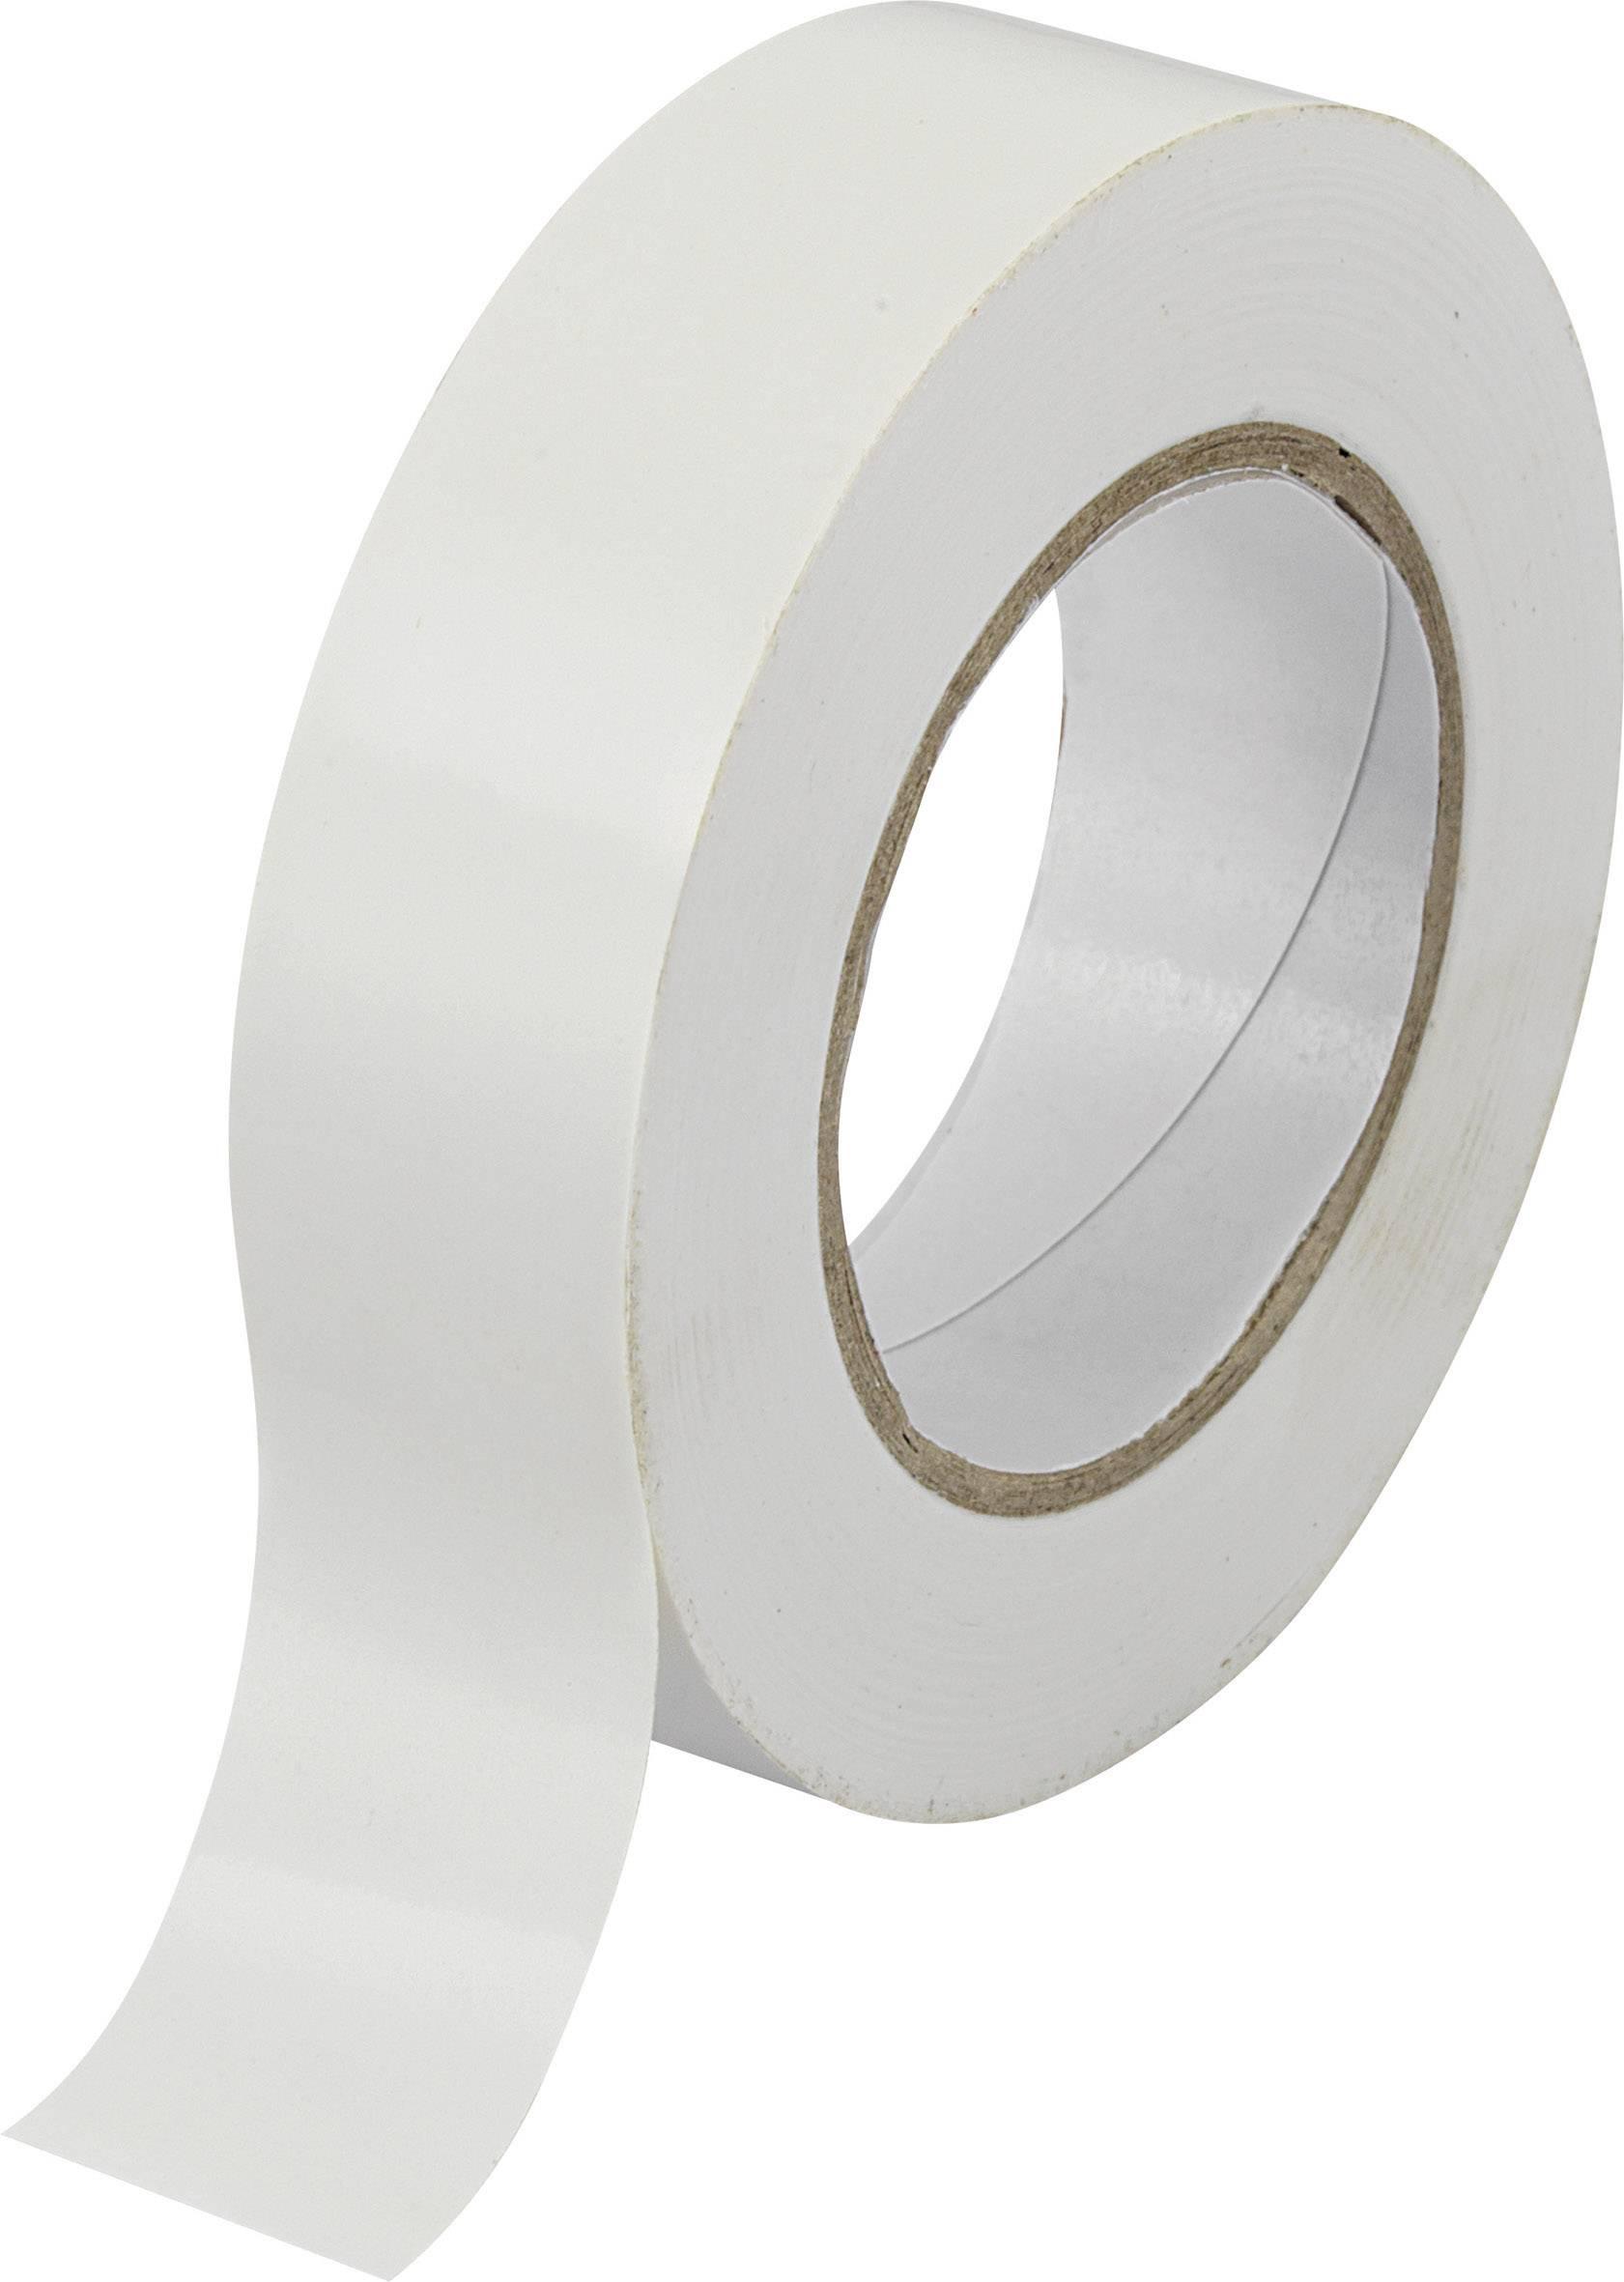 Izolačná páska Conrad Components SW10-155 540915, (d x š) 10 m x 19 mm, biela, 1 roliek